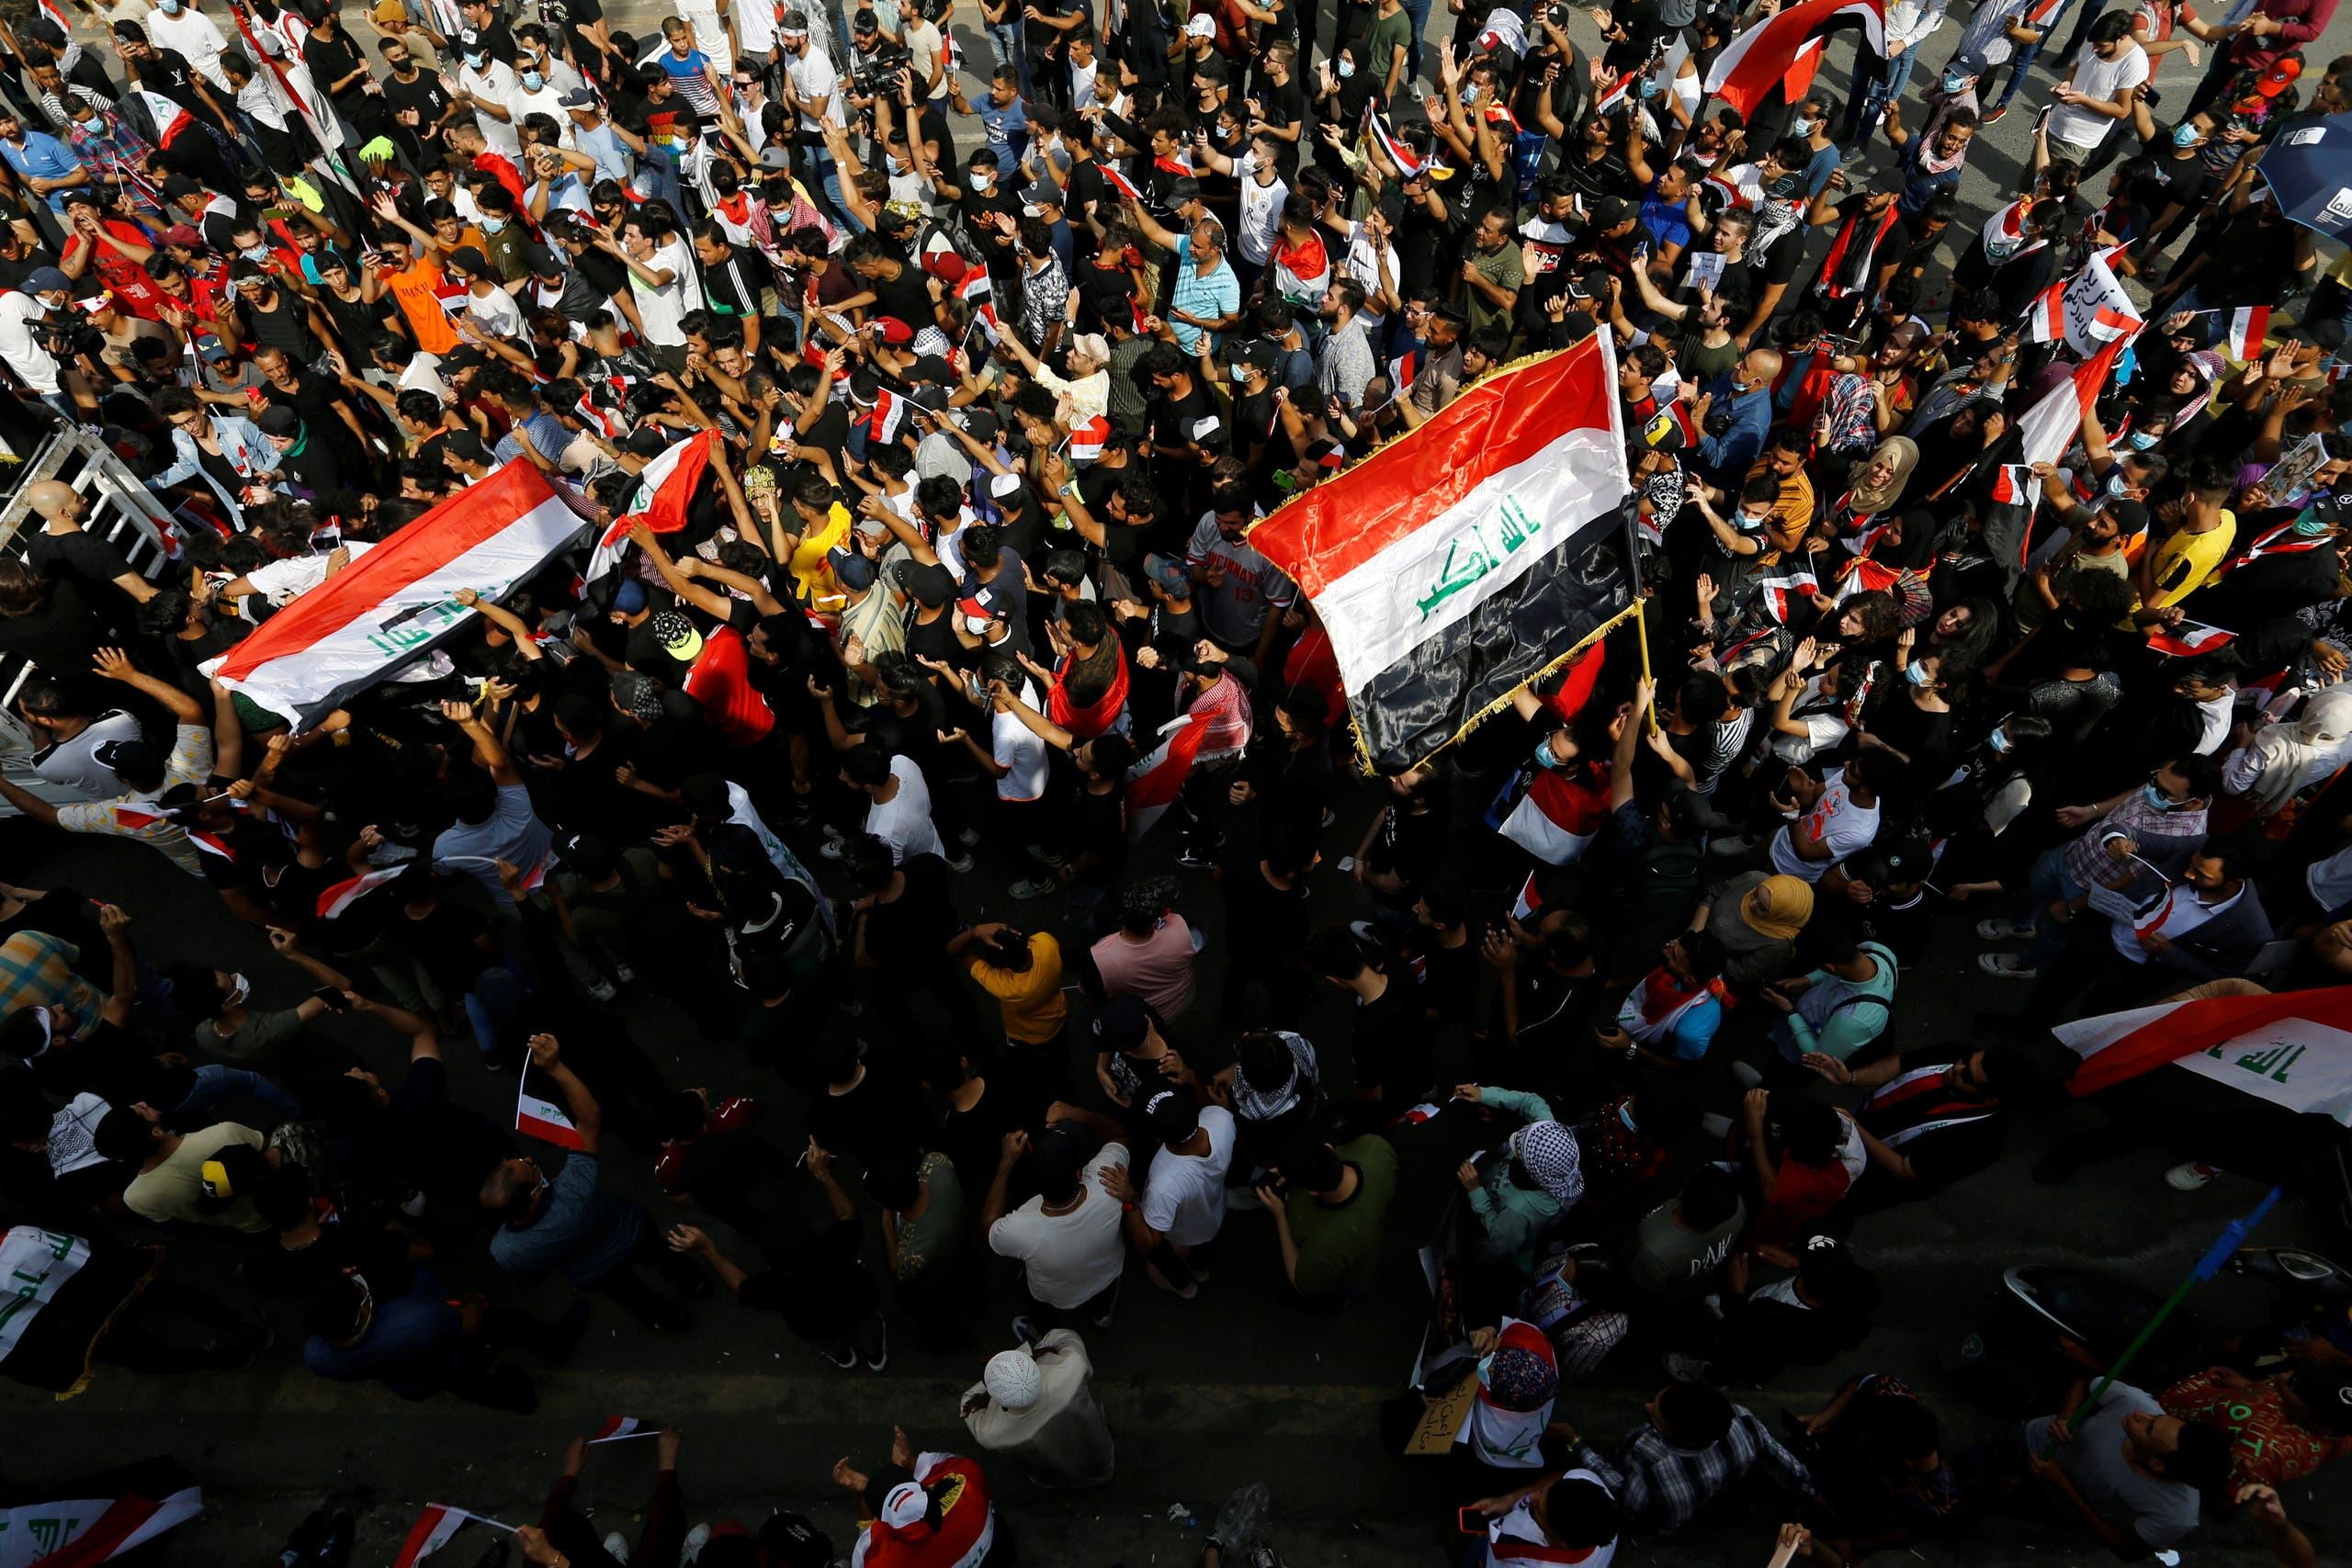 ذكرى الحراك في العراق تقطر دما.. اشتباكات وسط بغداد | هاشتاج اليوم - Hashtag Elyoum